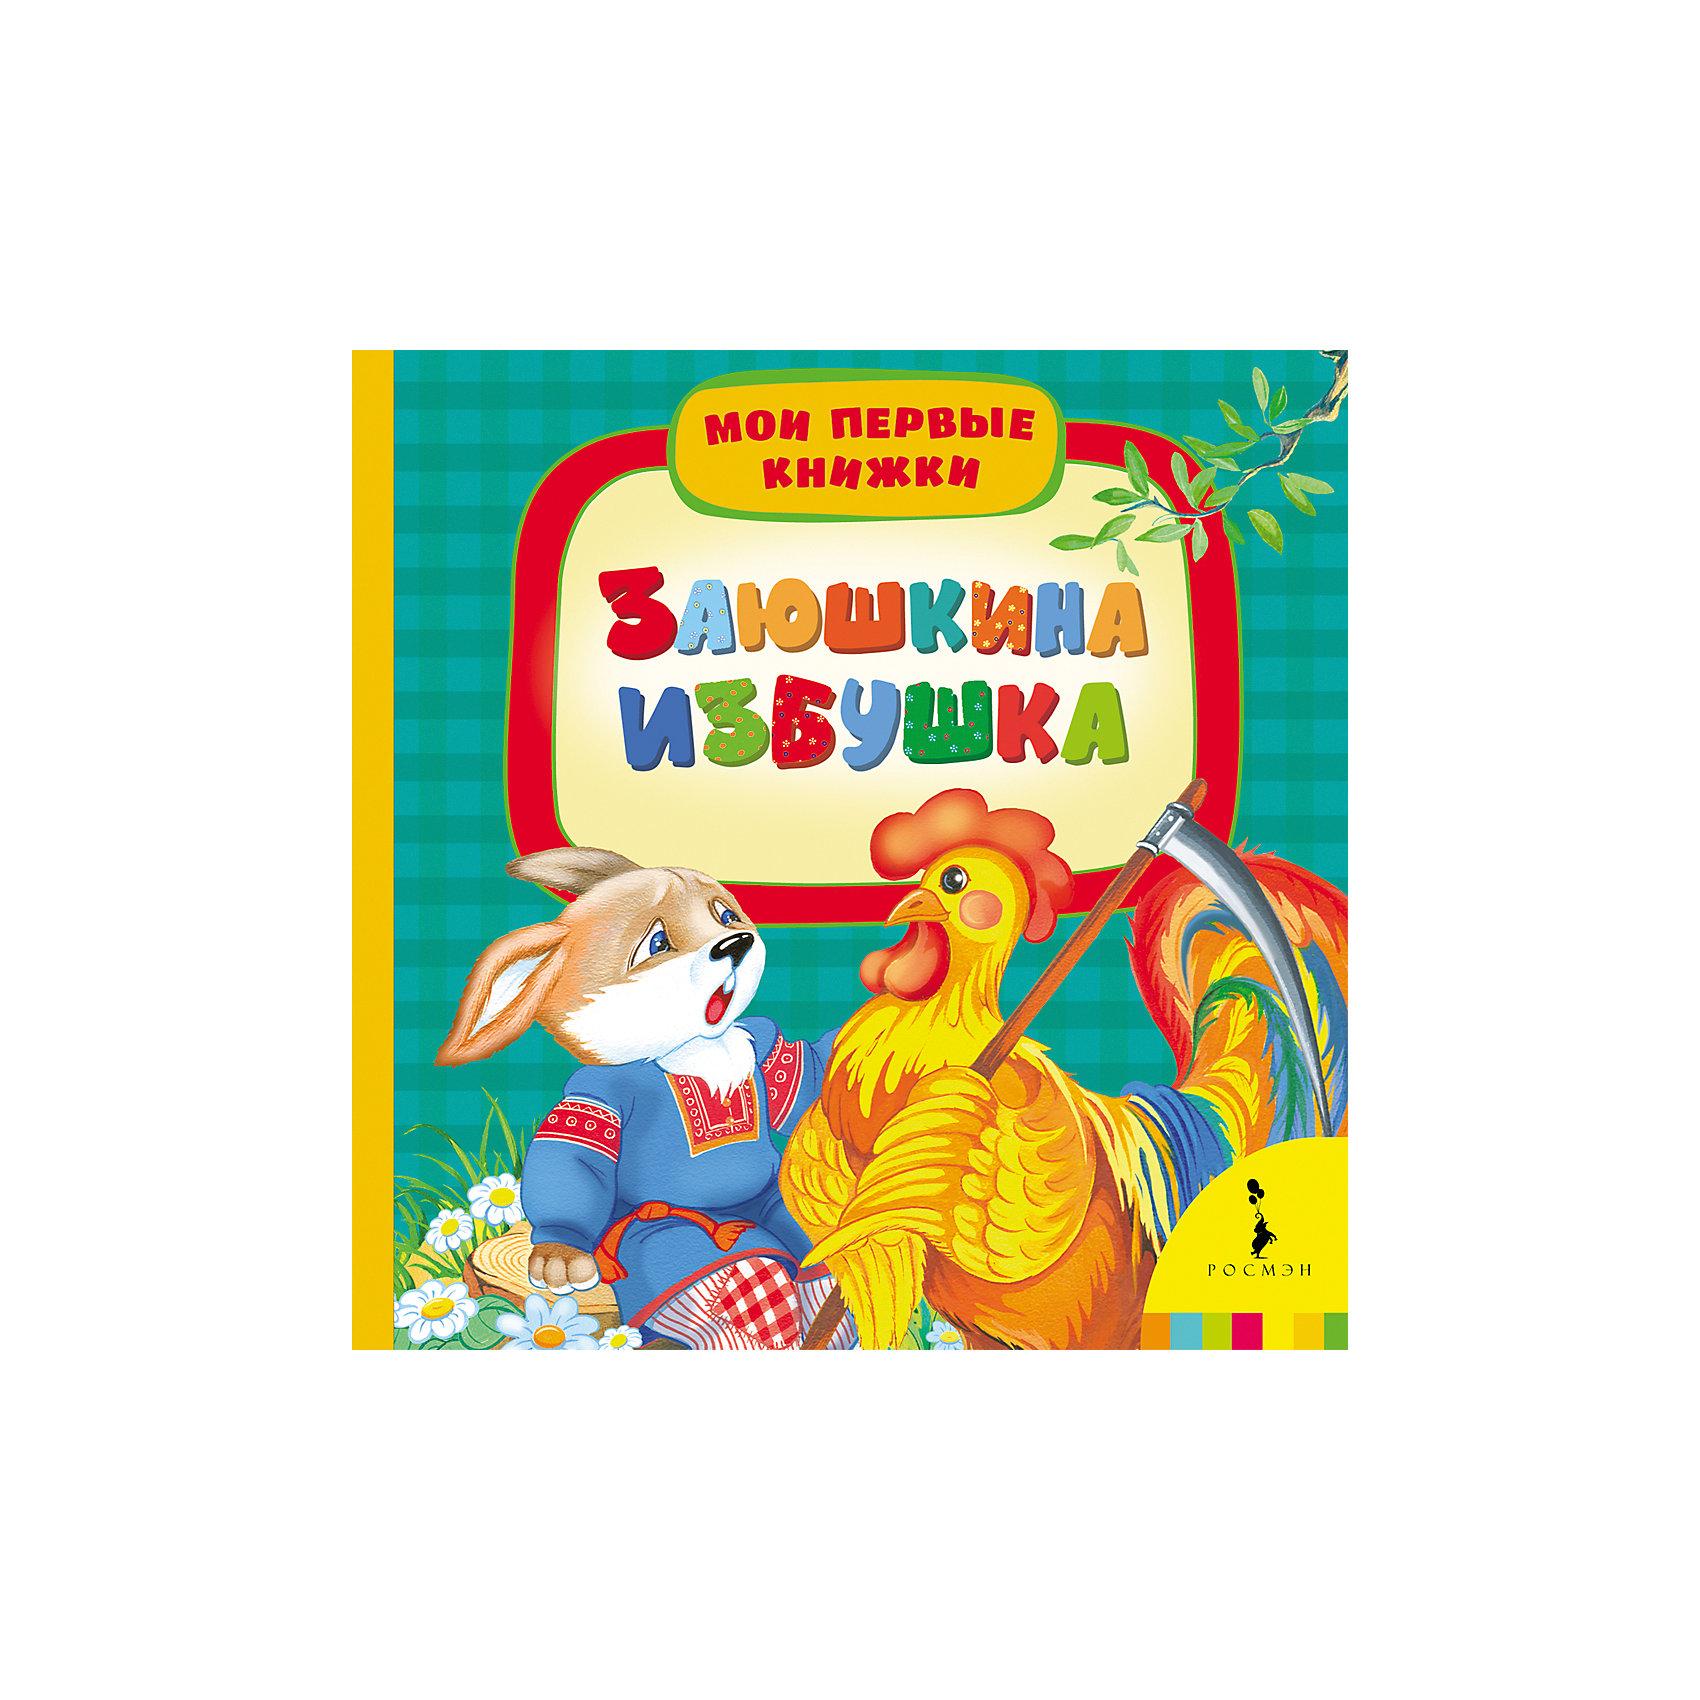 Заюшкина избушка, Мои первые книжкиХарактеристики товара:<br><br>- цвет: разноцветный;<br>- материал: бумага;<br>- страниц: 14;<br>- формат: 17 х 17 см;<br>- обложка: картон;<br>- возраст: от 1 года. <br><br>Издания серии Мои первые книжки - отличный способ занять ребенка! Эта красочная книга станет отличным подарком для родителей и малыша. Она содержит в себе известные сказки, которые так любят дети. Отличный способ привить малышу любовь к чтению! Удобный формат и плотные странички позволят брать книгу с собой в поездки.<br>Чтение и рассматривание картинок даже в юном возрасте помогает ребенку развивать память, концентрацию внимания и воображение. Издание произведено из качественных материалов, которые безопасны даже для самых маленьких.<br><br>Издание Заюшкина избушка, Мои первые книжки от компании Росмэн можно купить в нашем интернет-магазине.<br><br>Ширина мм: 165<br>Глубина мм: 165<br>Высота мм: 18<br>Вес г: 305<br>Возраст от месяцев: 0<br>Возраст до месяцев: 36<br>Пол: Унисекс<br>Возраст: Детский<br>SKU: 5110287